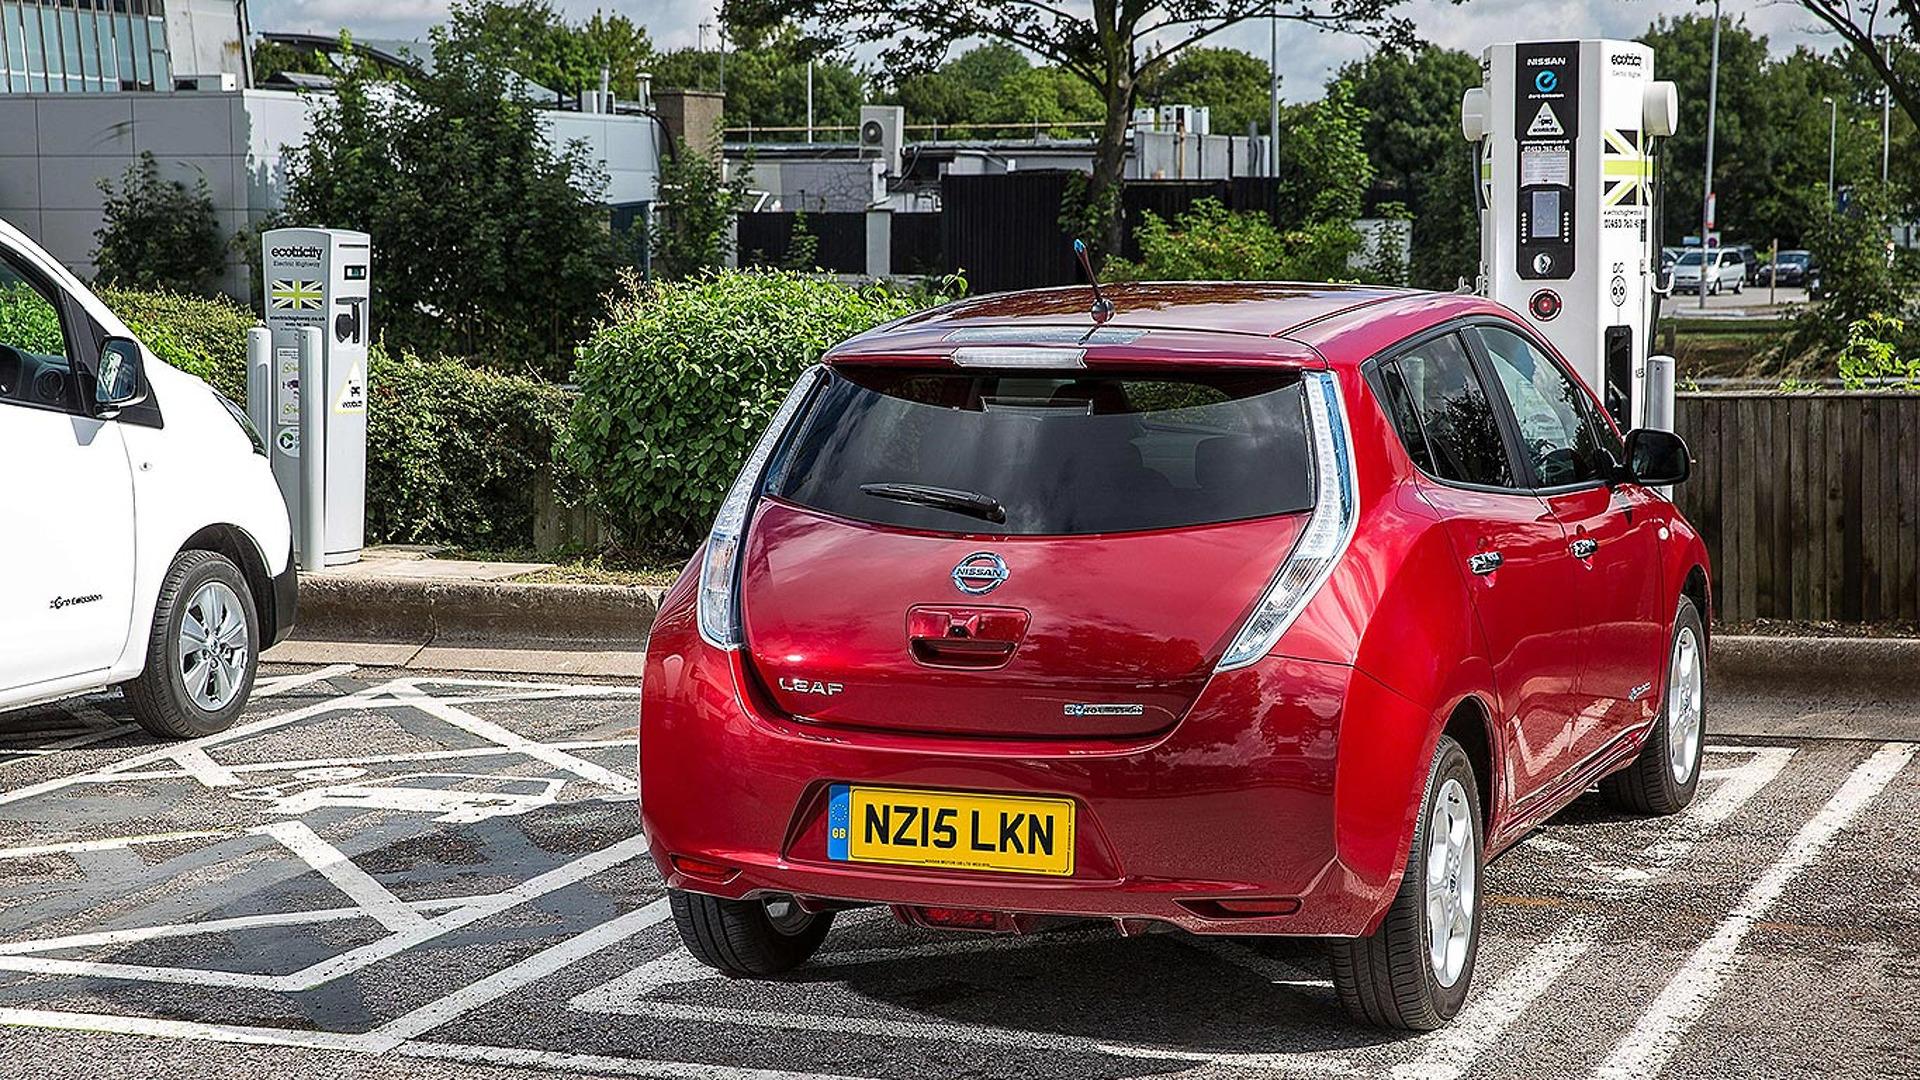 60 процентов британских водителей «слишком утомлены», чтобы купить электромобиль